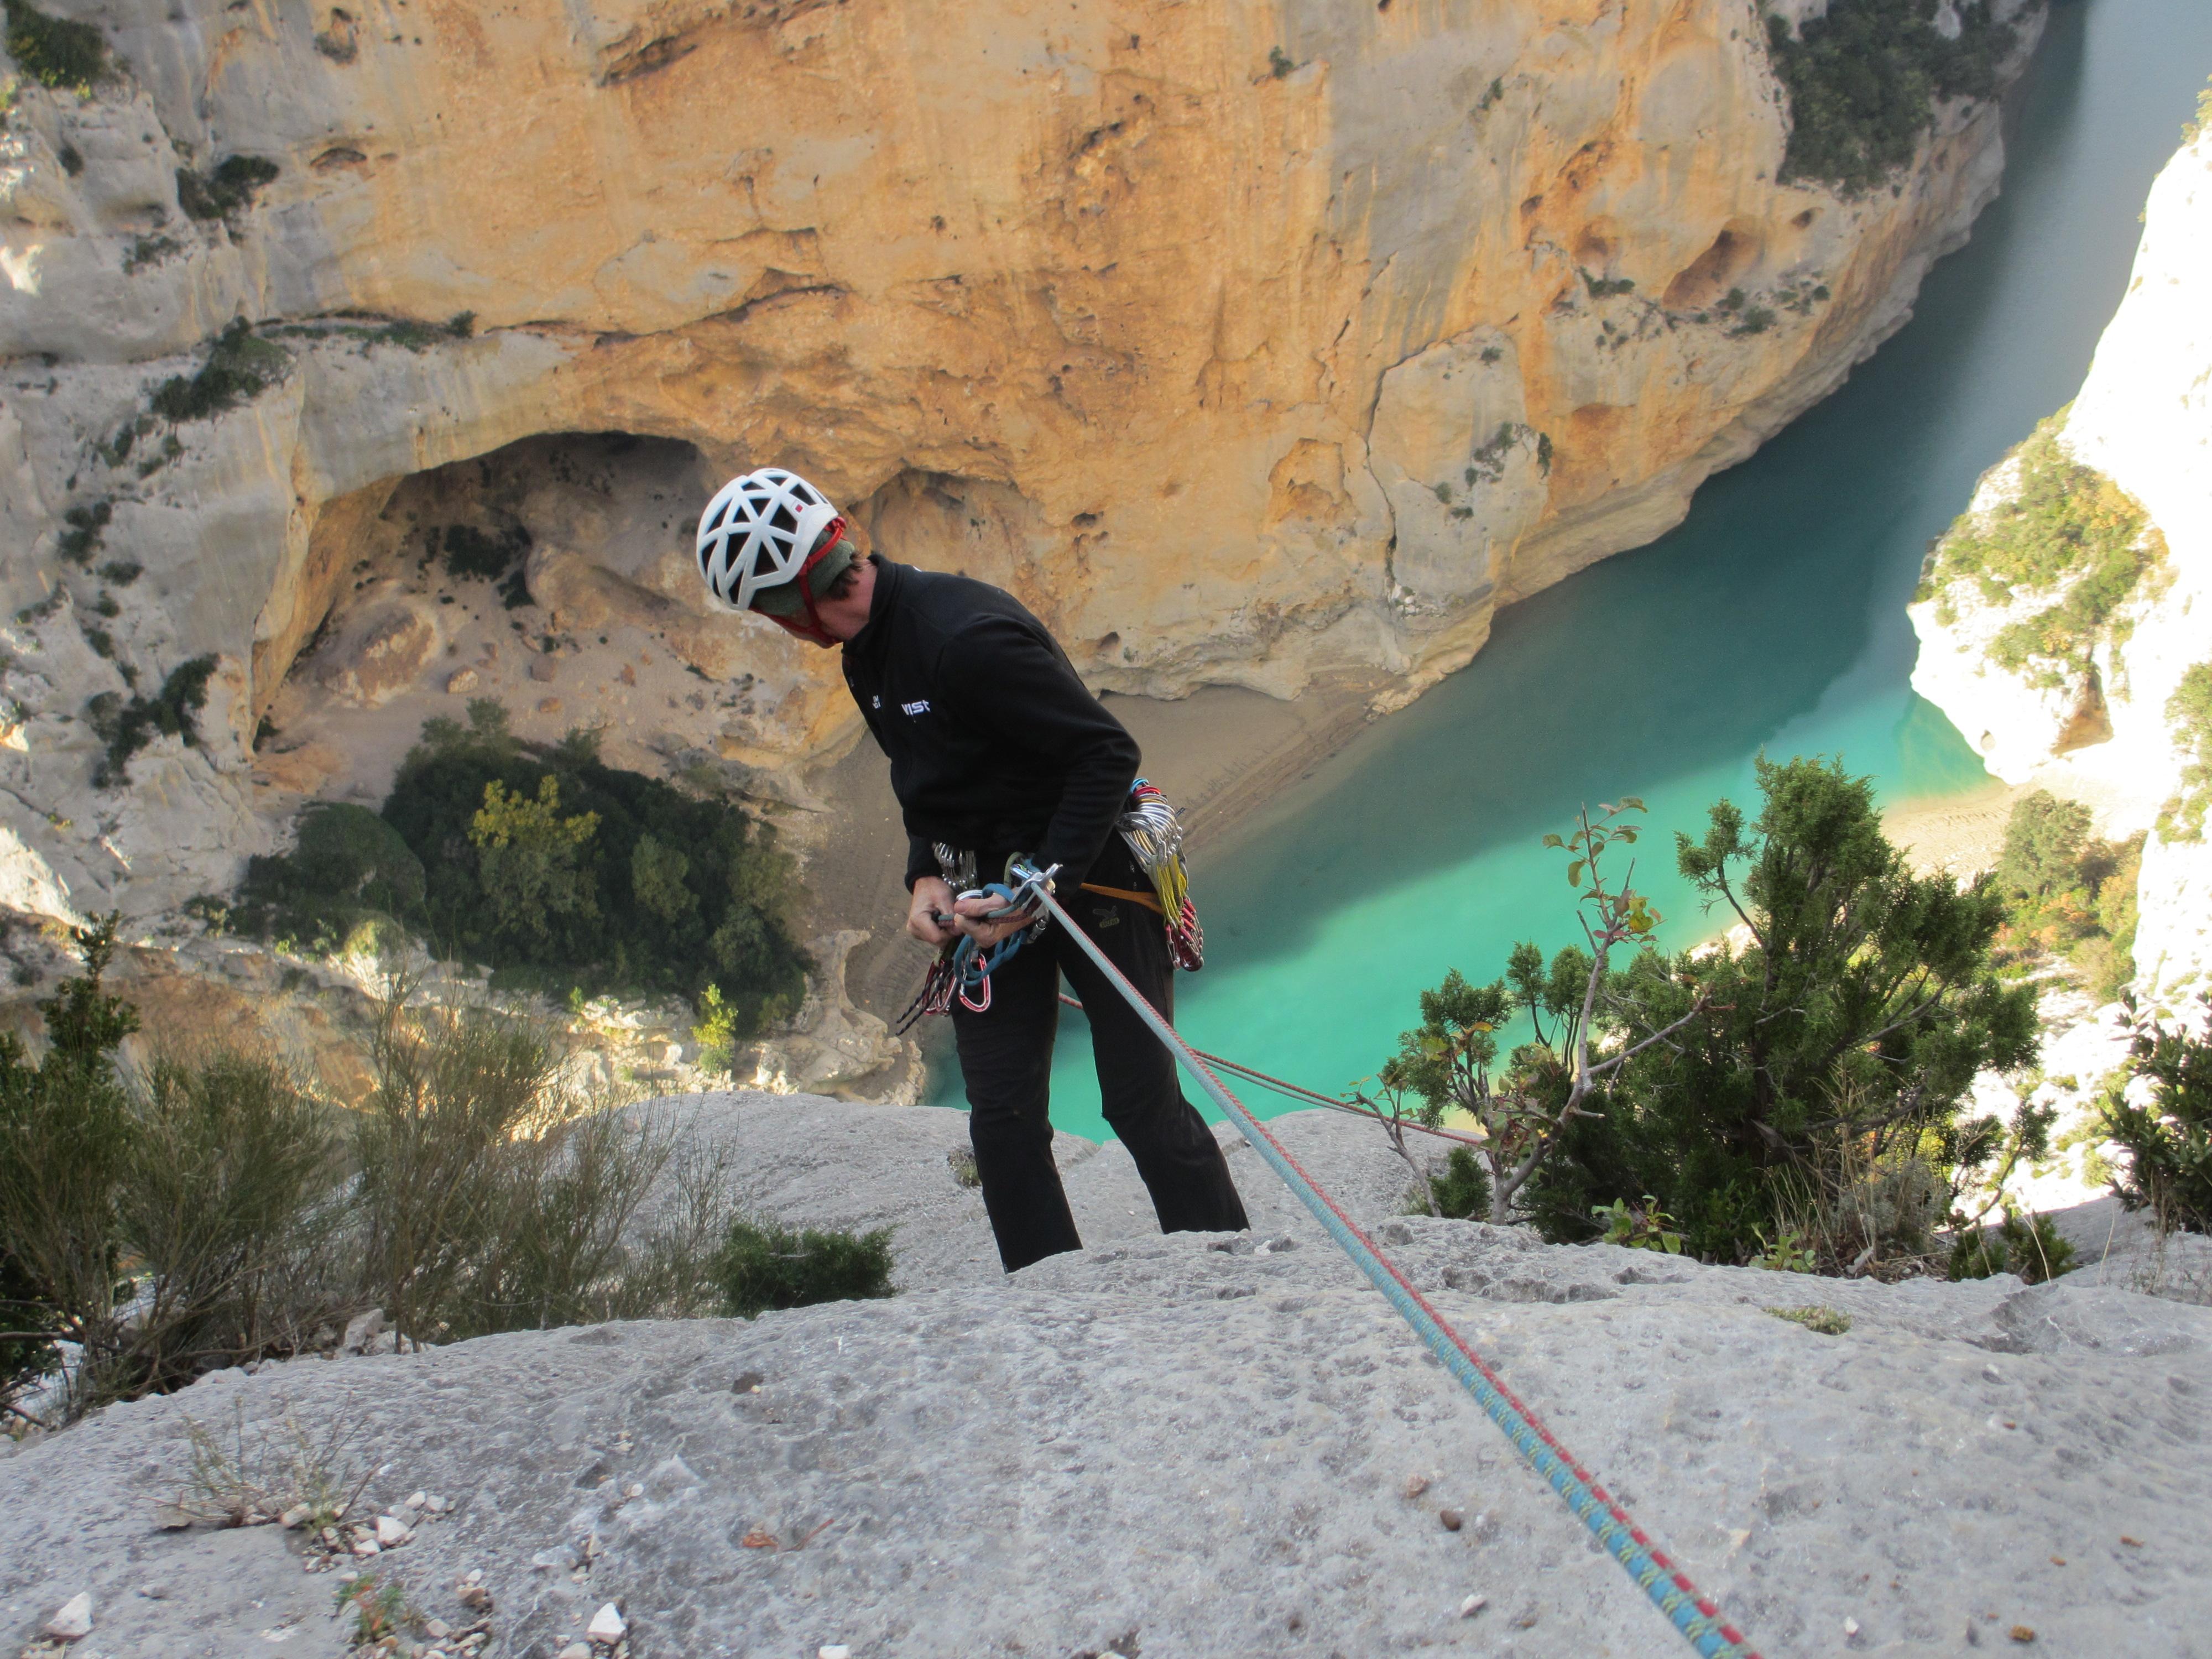 Kletterausrüstung Mehrseillängen : Mehrseillängen klettern mit klettertrip